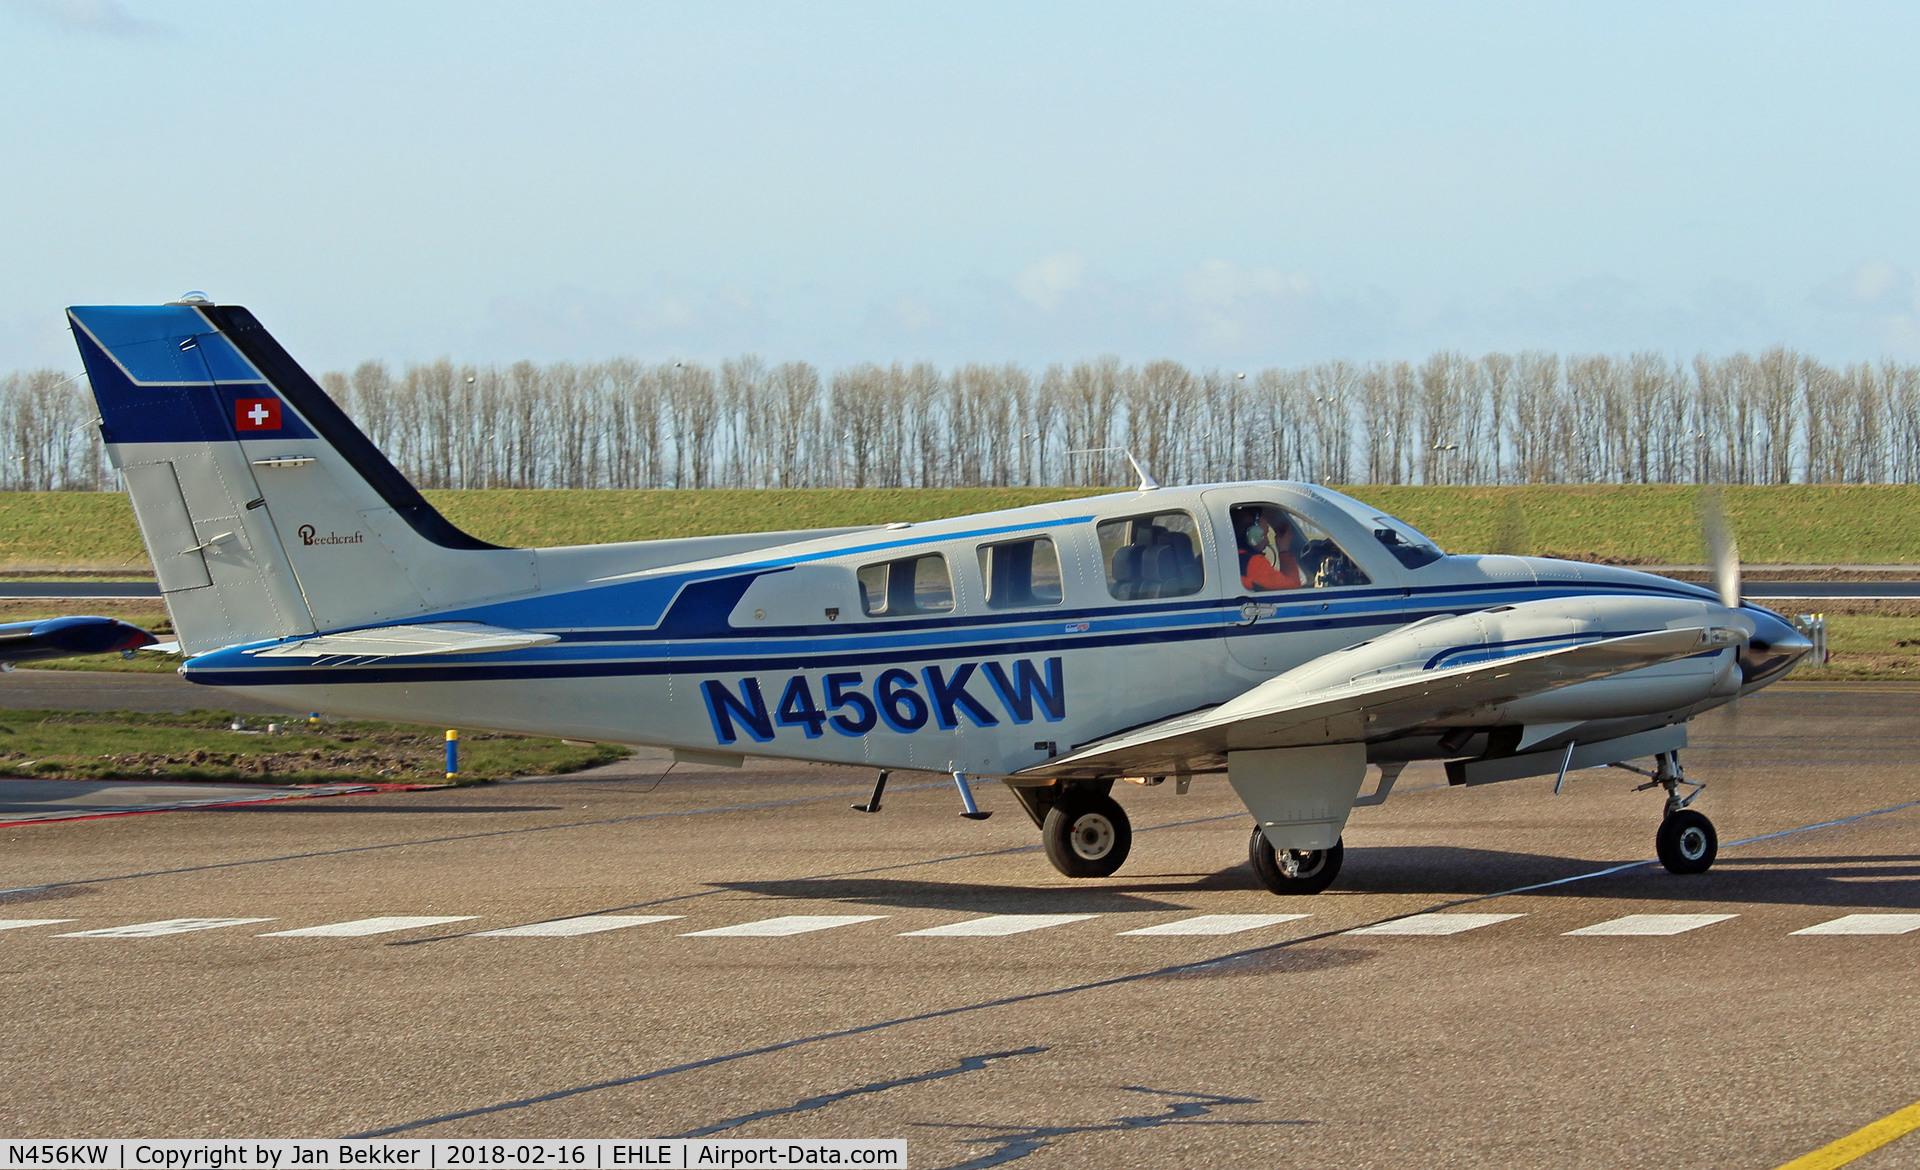 N456KW, 1982 Beech 58P Baron C/N TJ-427, Lelystad Airport